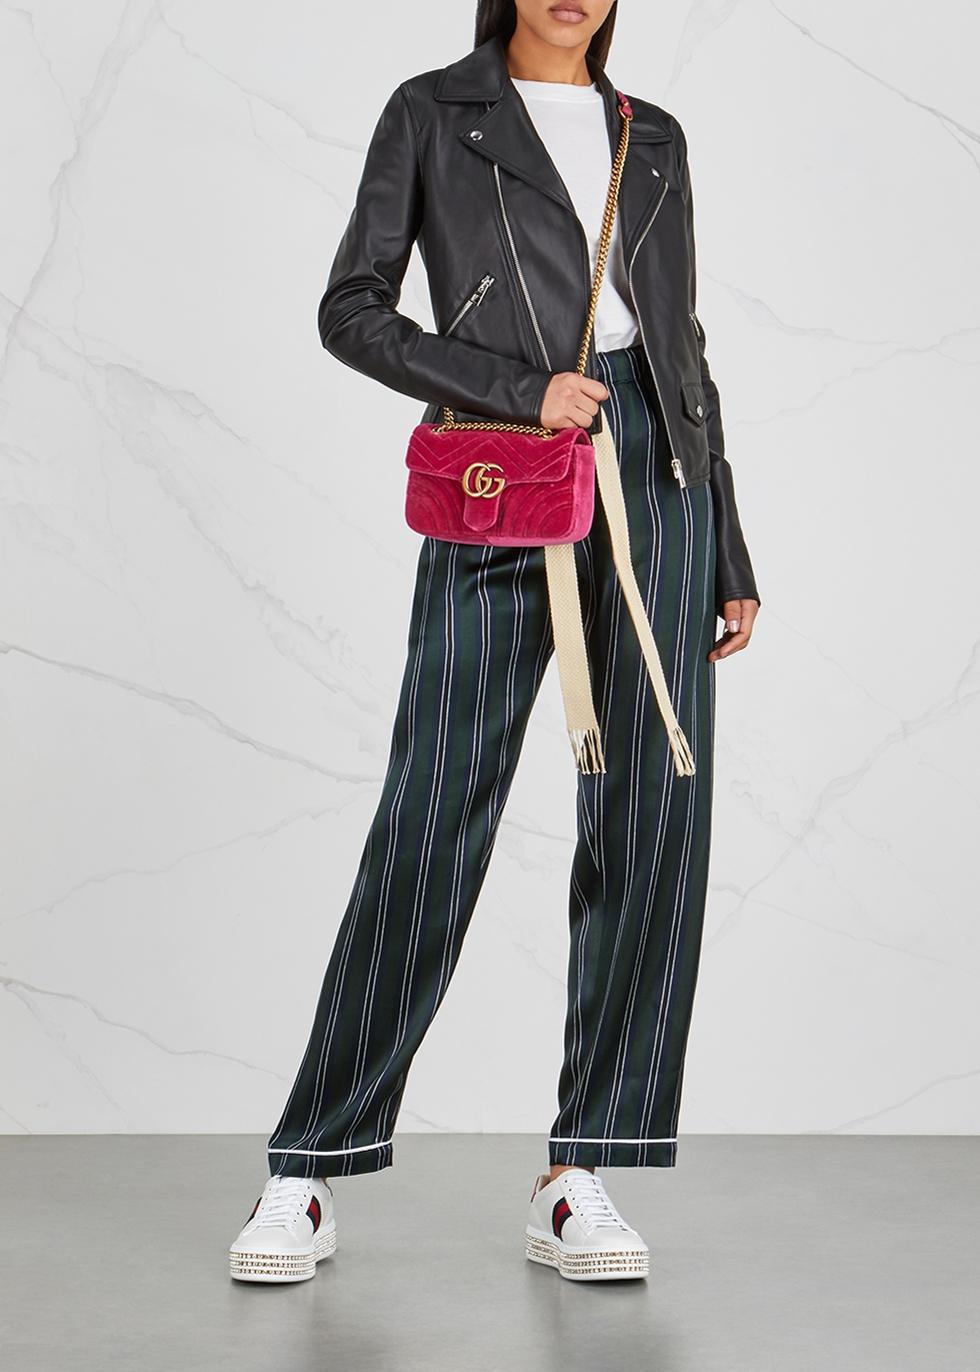 Gucci Ace crystal-embellished flatform